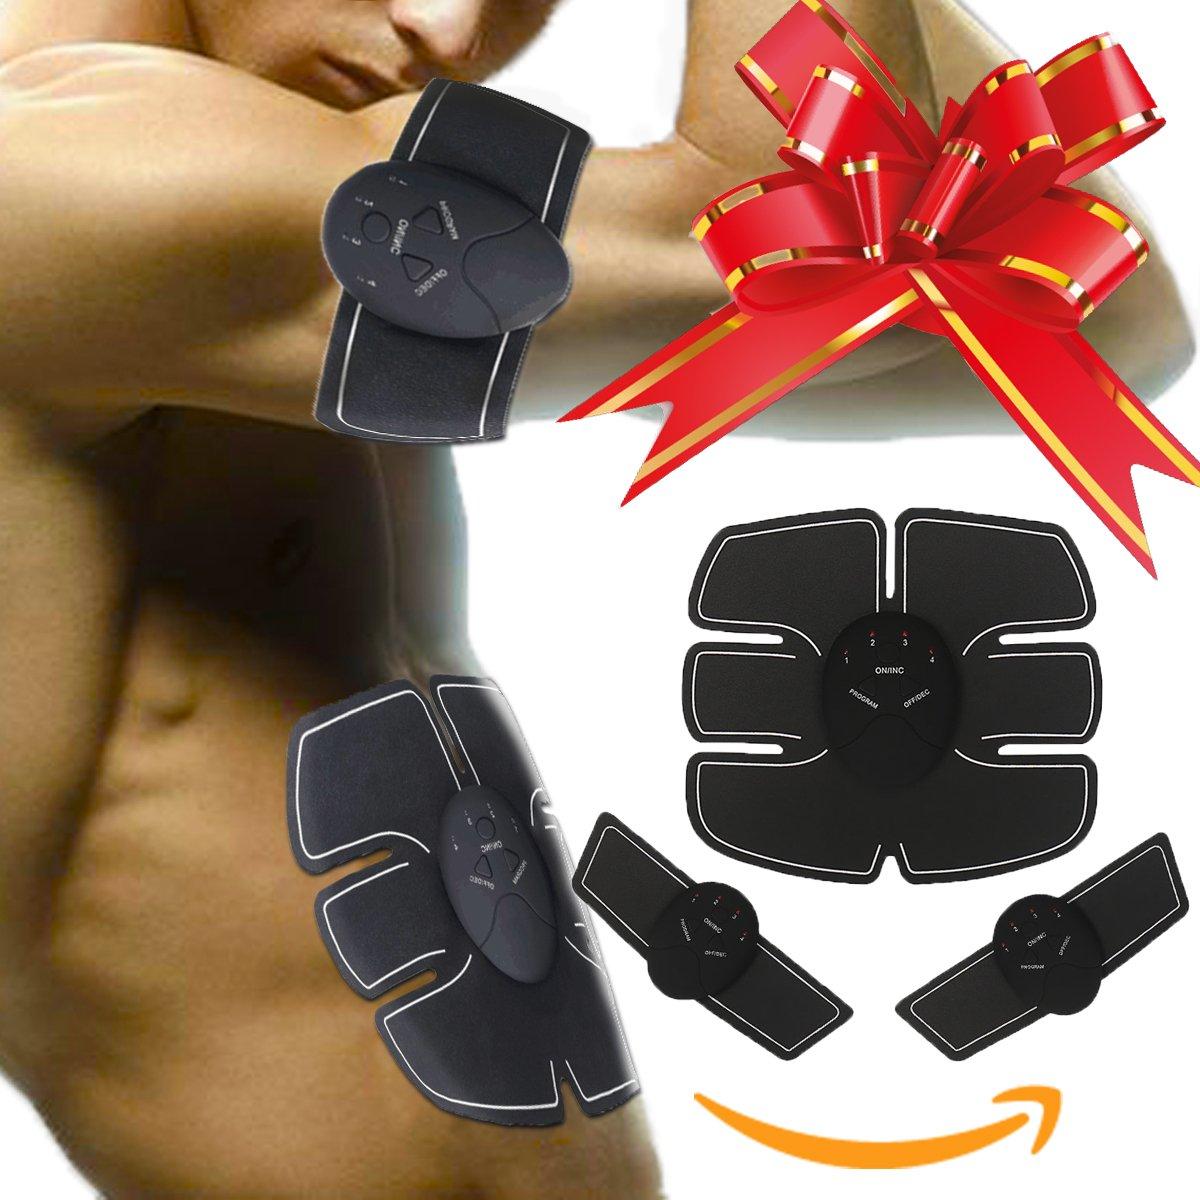 Tonificador por electroestimulación para desarrollar músculo reducir grasa y recuperarte de lesiones